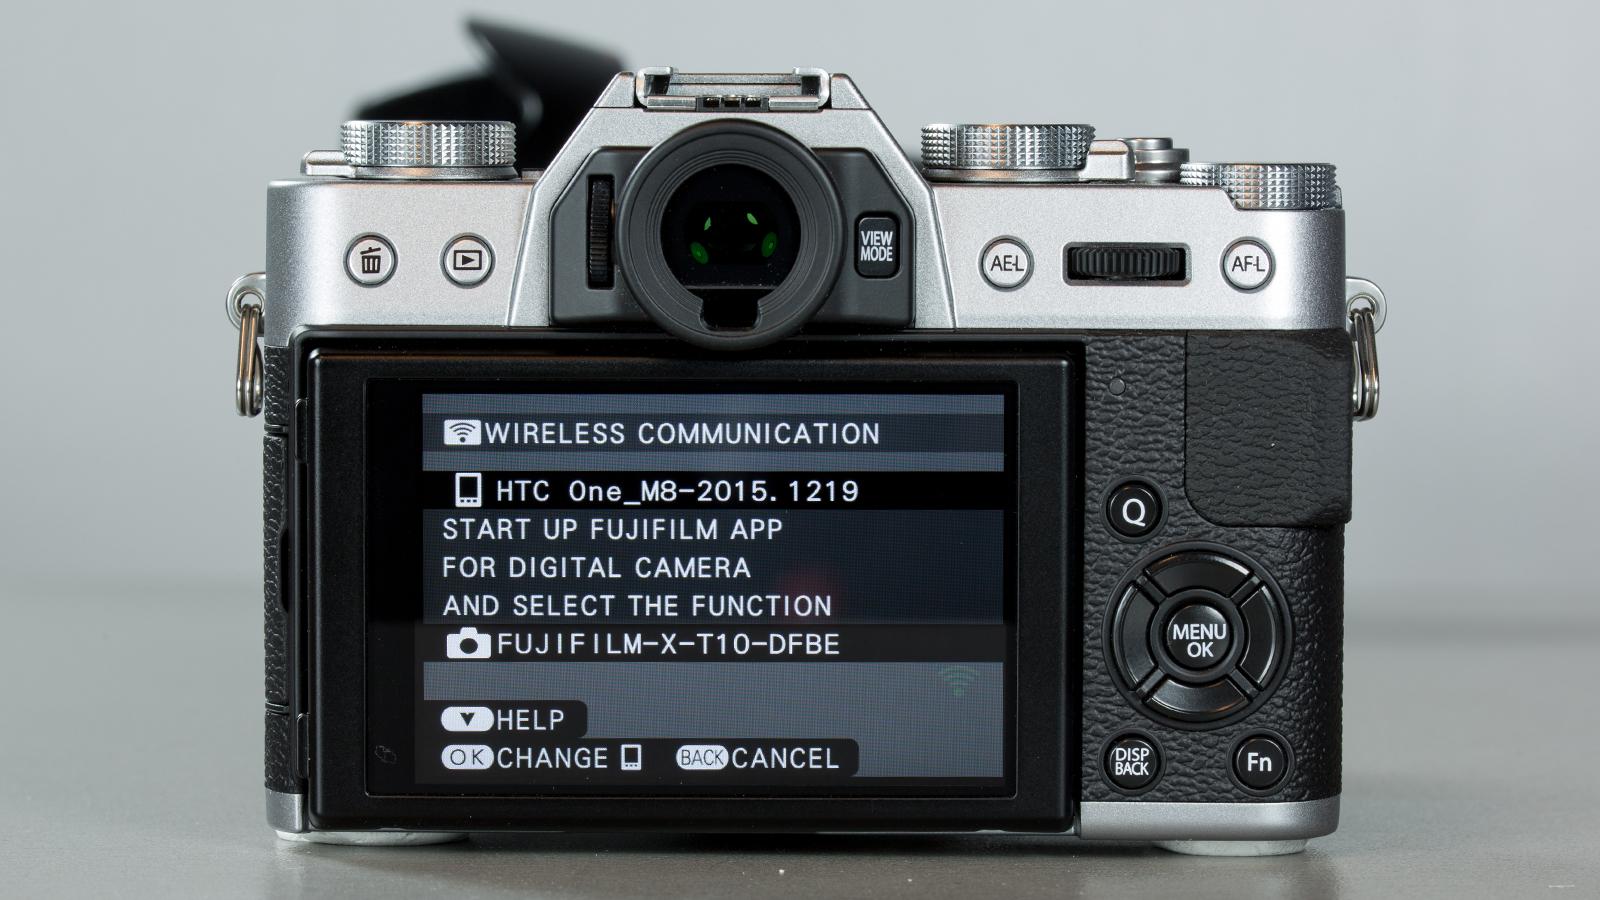 Fujifilm-X-T10-DT-015-WiFi